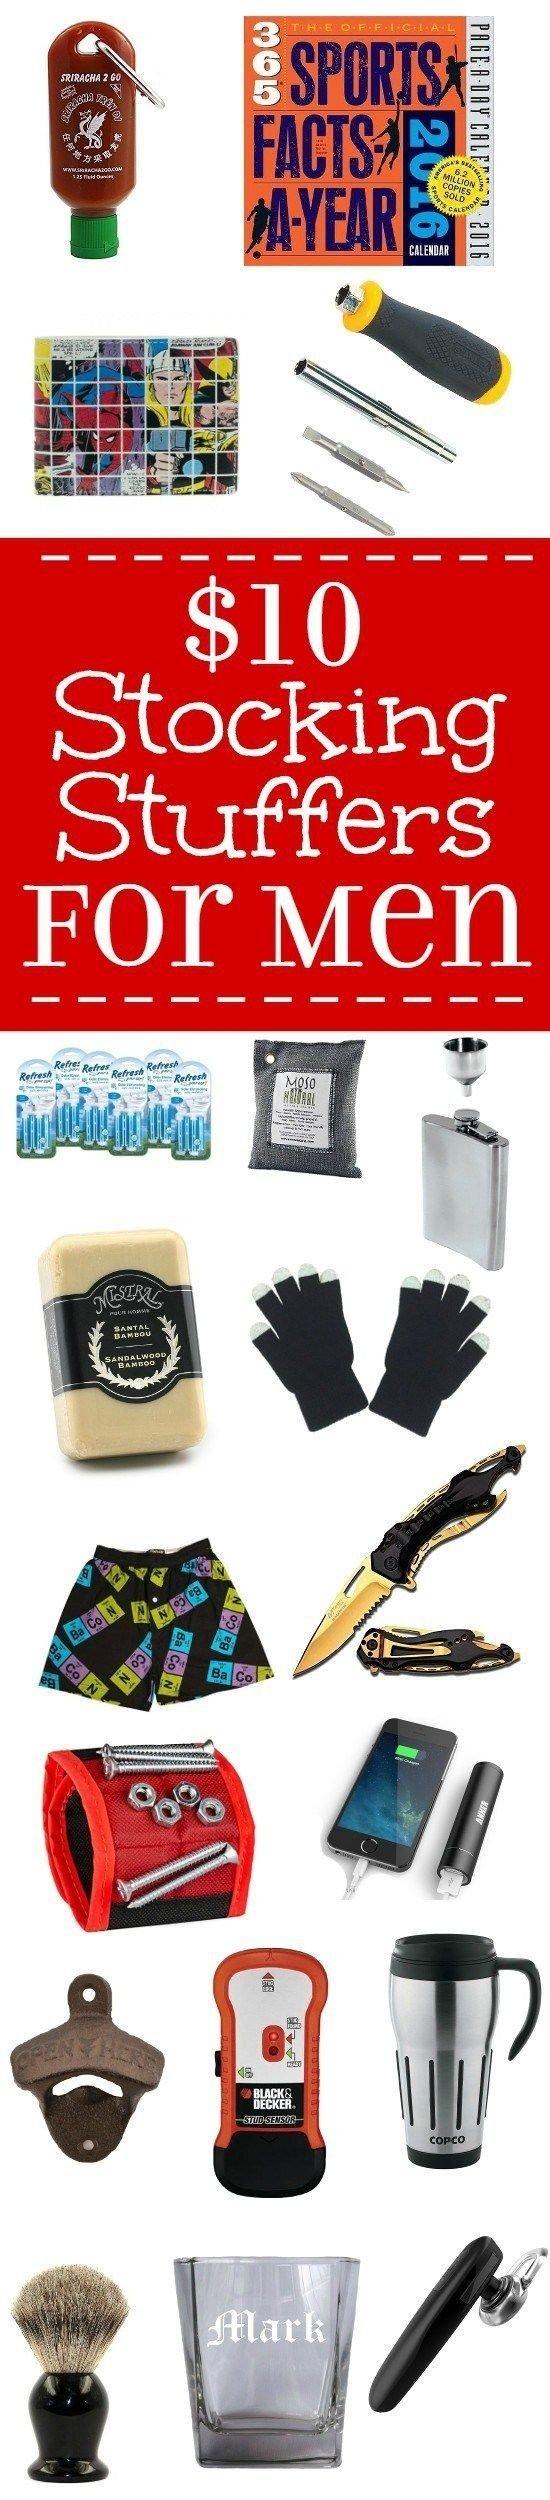 10 Cute Stocking Stuffer Ideas For Men christmas gifts and stocking stuffers ideas for men 25 stocking 2020